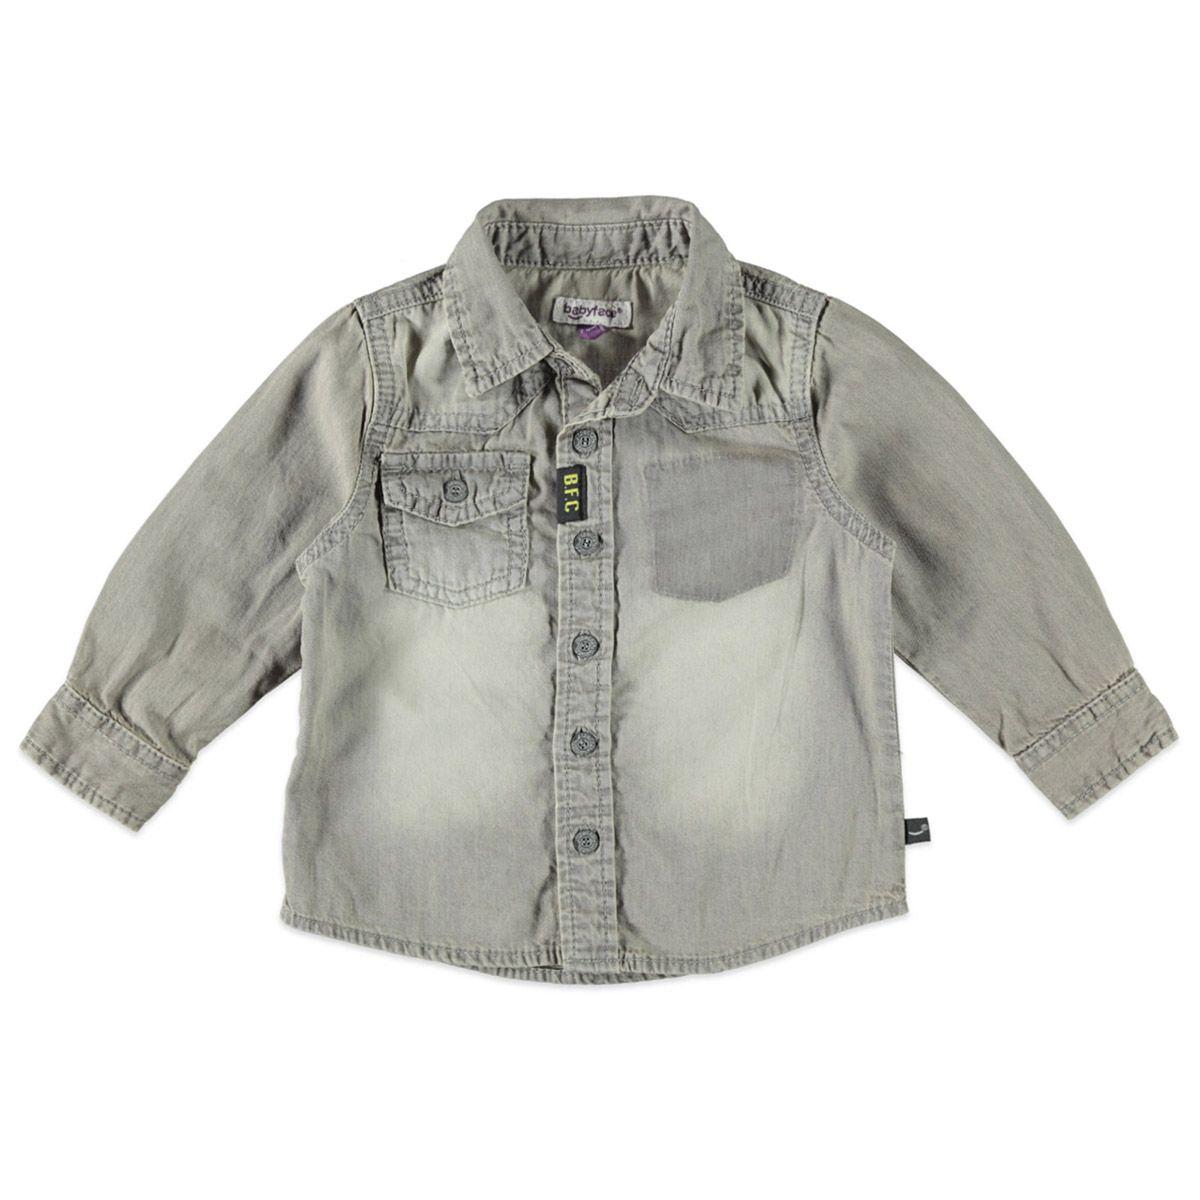 Babyface overhemd met knoopsluiting voor jongens in de kleur grijs. Dit Babyface overhemd uit de winter collectie, is gemaakt van 100% katoen en een echte musthave! Draag hem op een Babyface broek of een jeans! Verkrijgbaar in de maten 68 t/m 104. Op de rechter voorkant een pocketzak met afsluitbare klep.